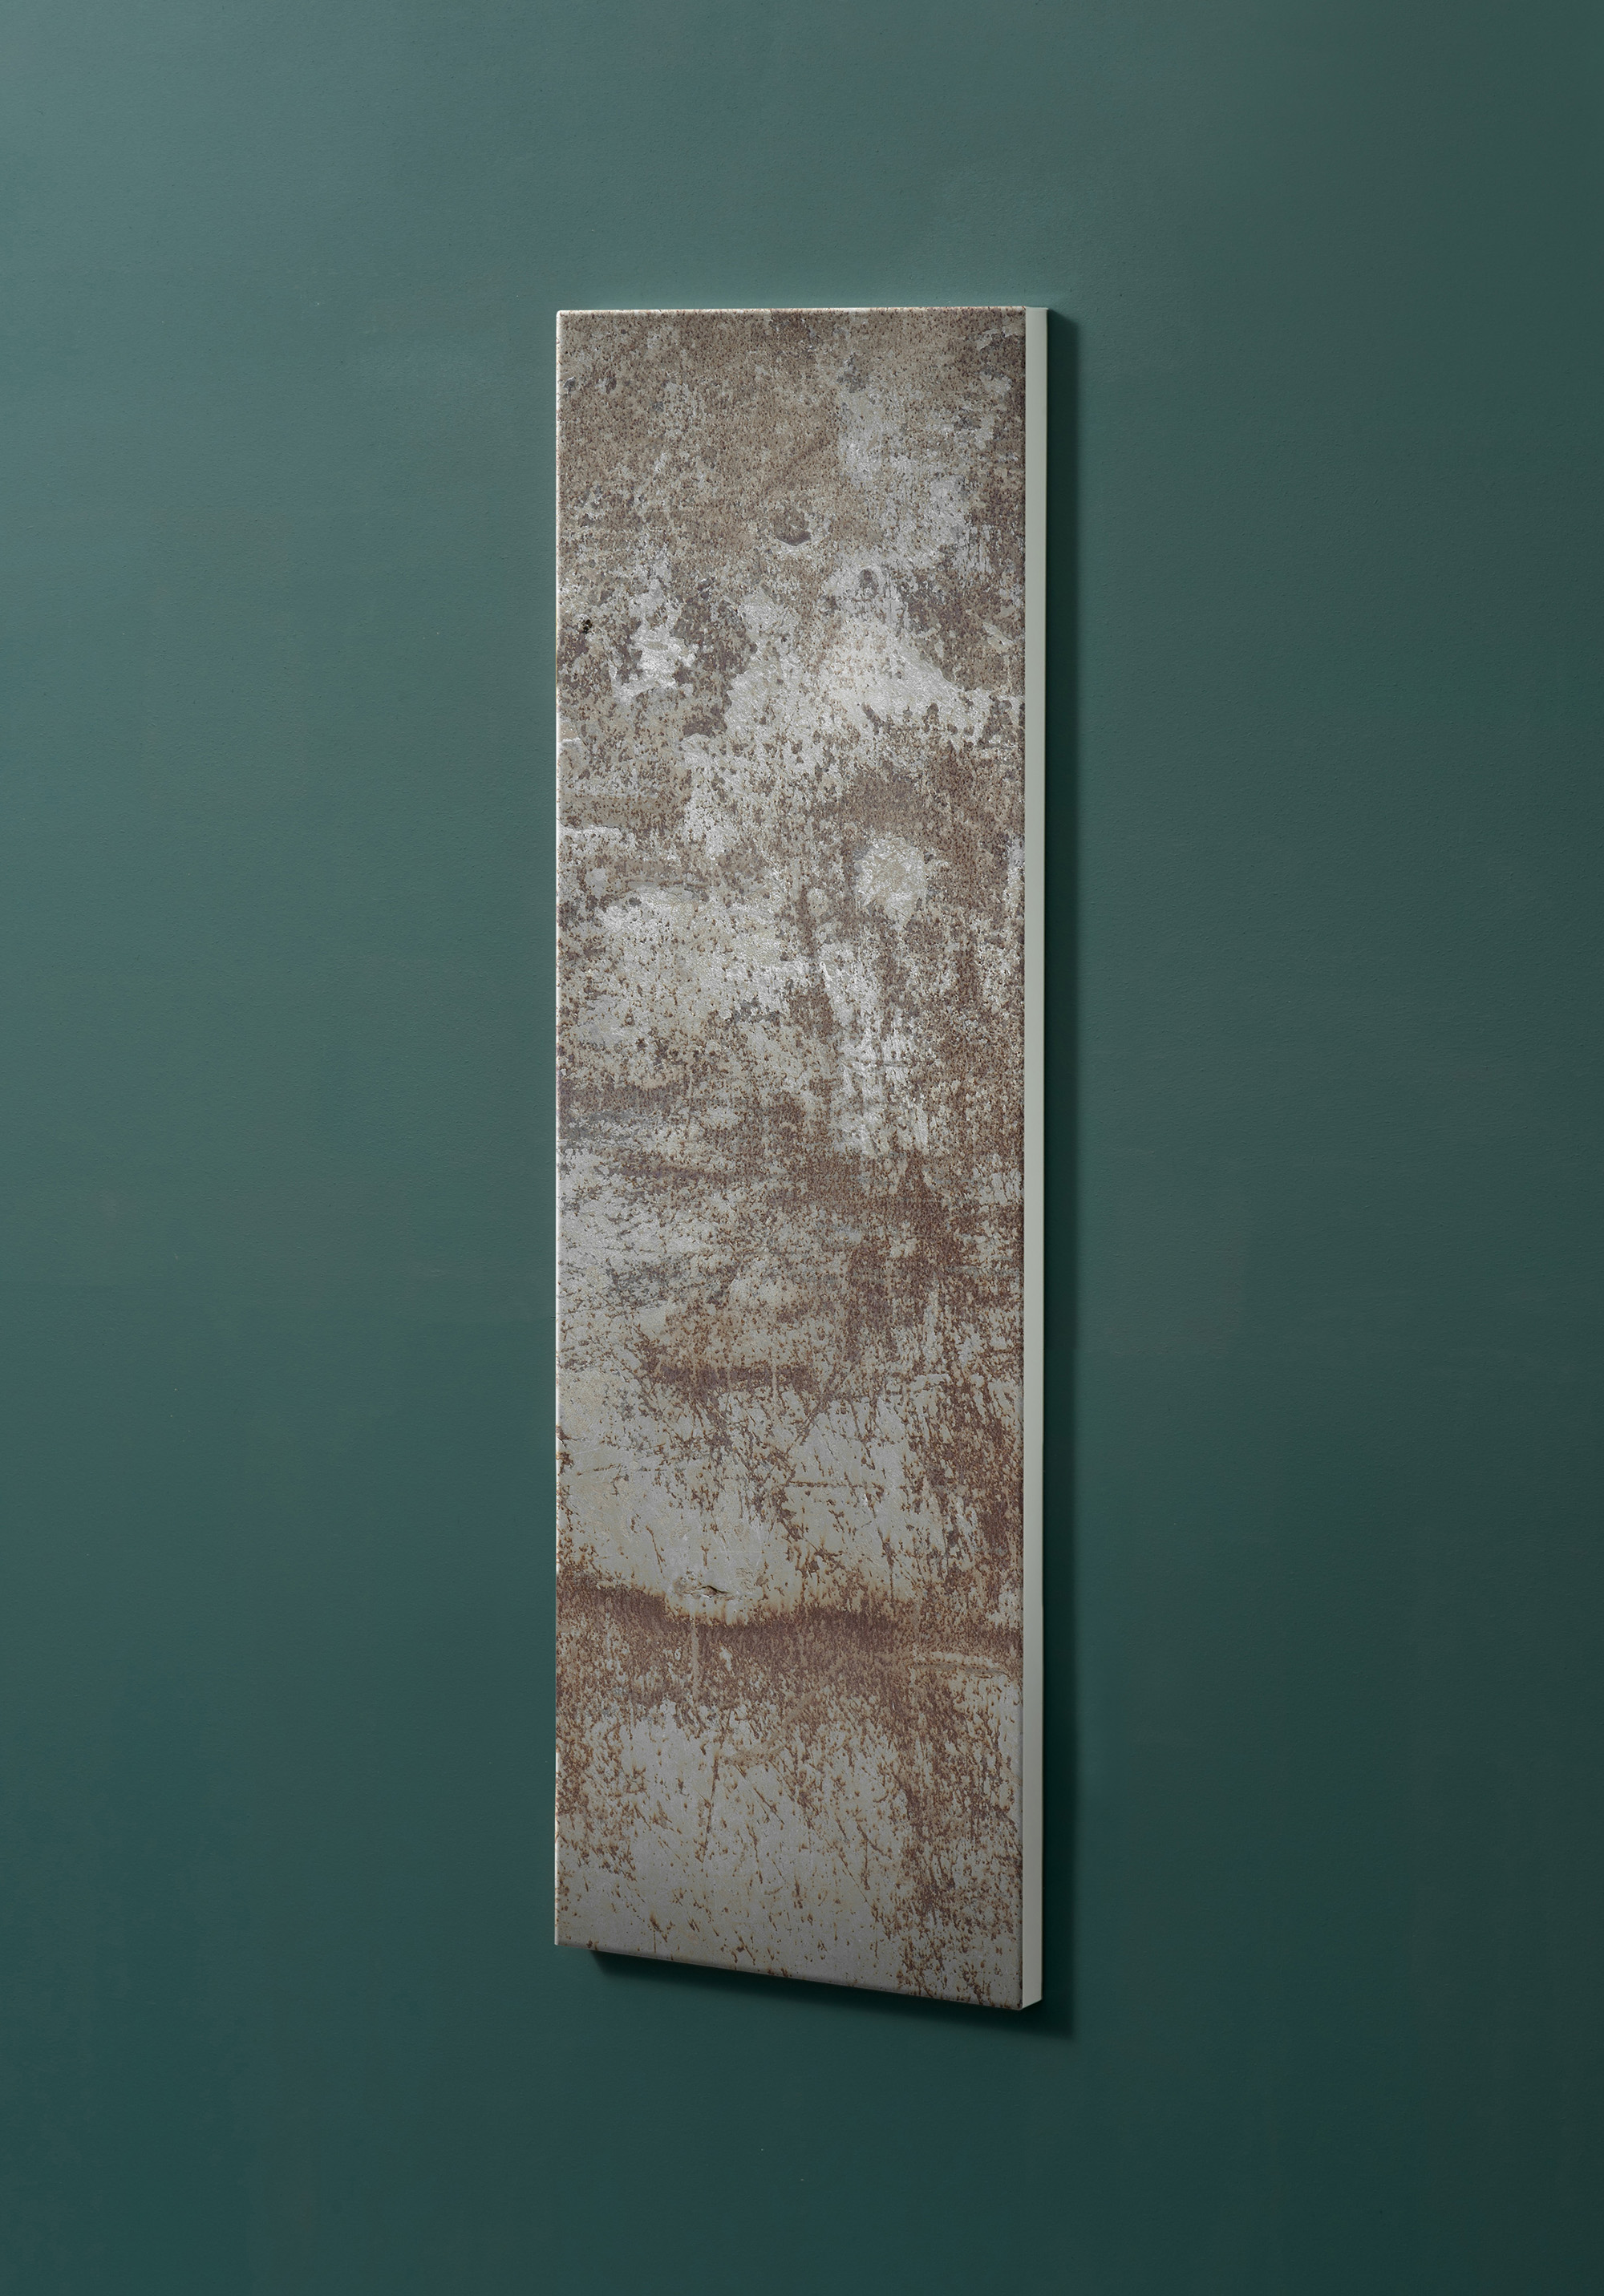 Magnettafel NOTIZ 30x90cm Motiv-Pinnwand M15 Rost